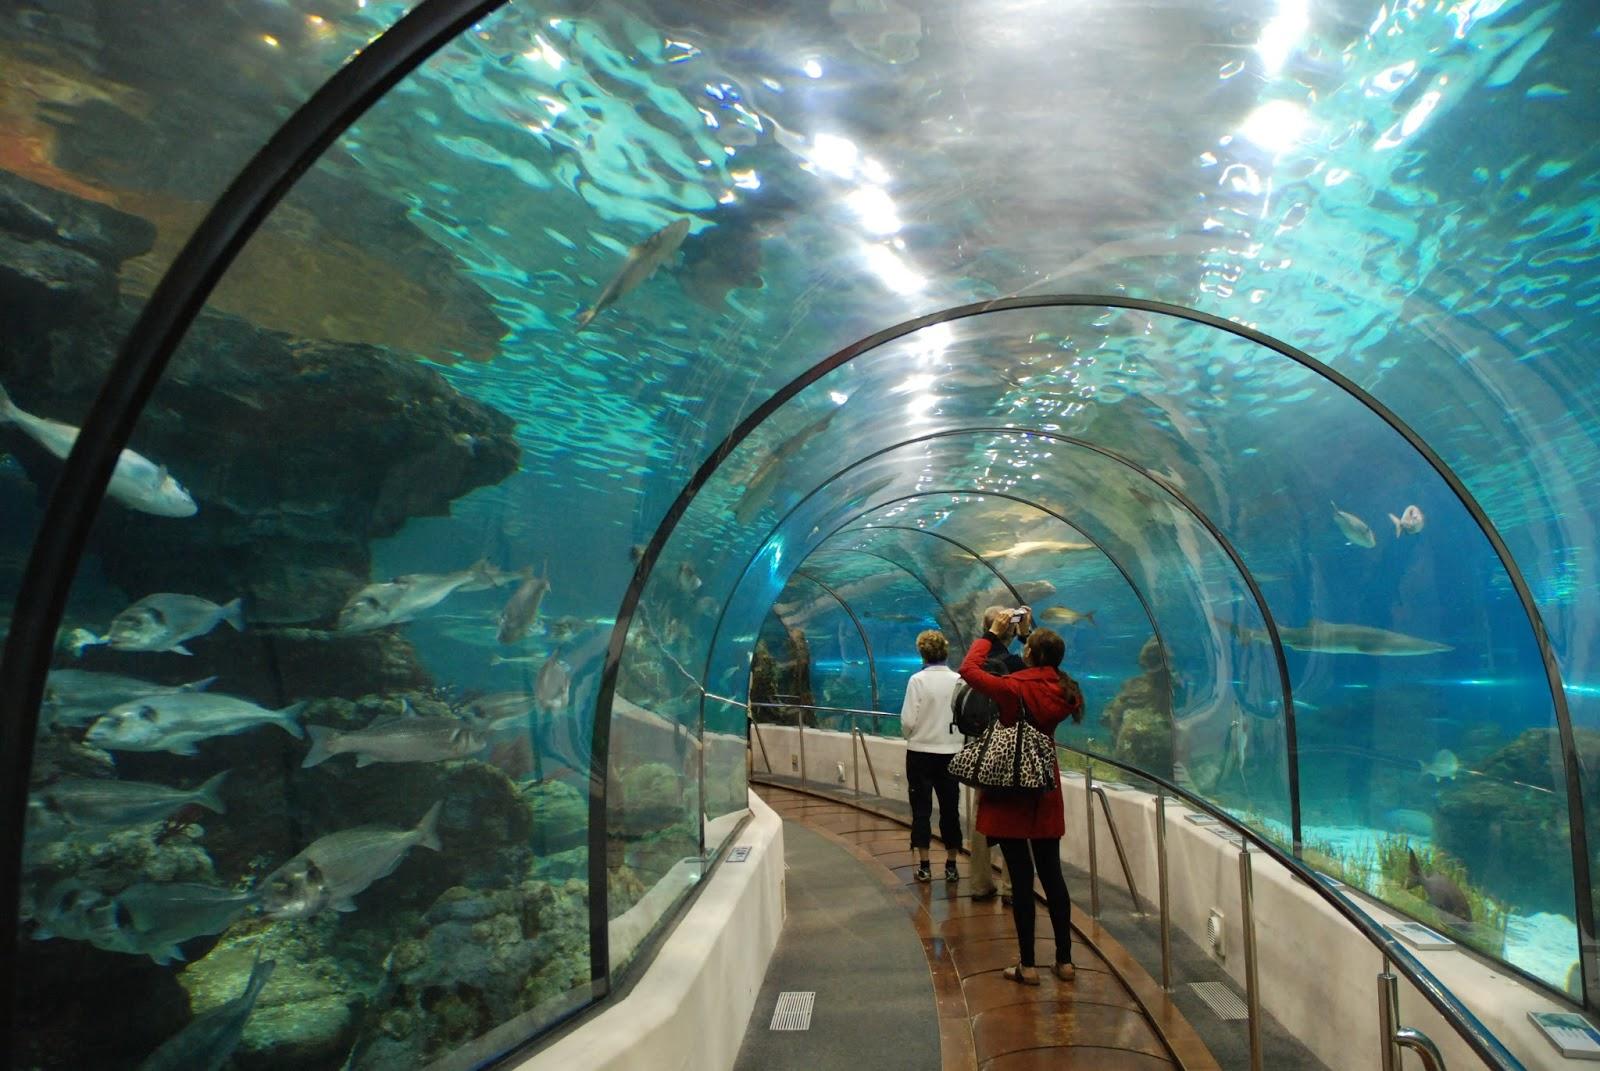 Fish aquarium in jeddah - Dubai Aquarium And Underwater Zoo